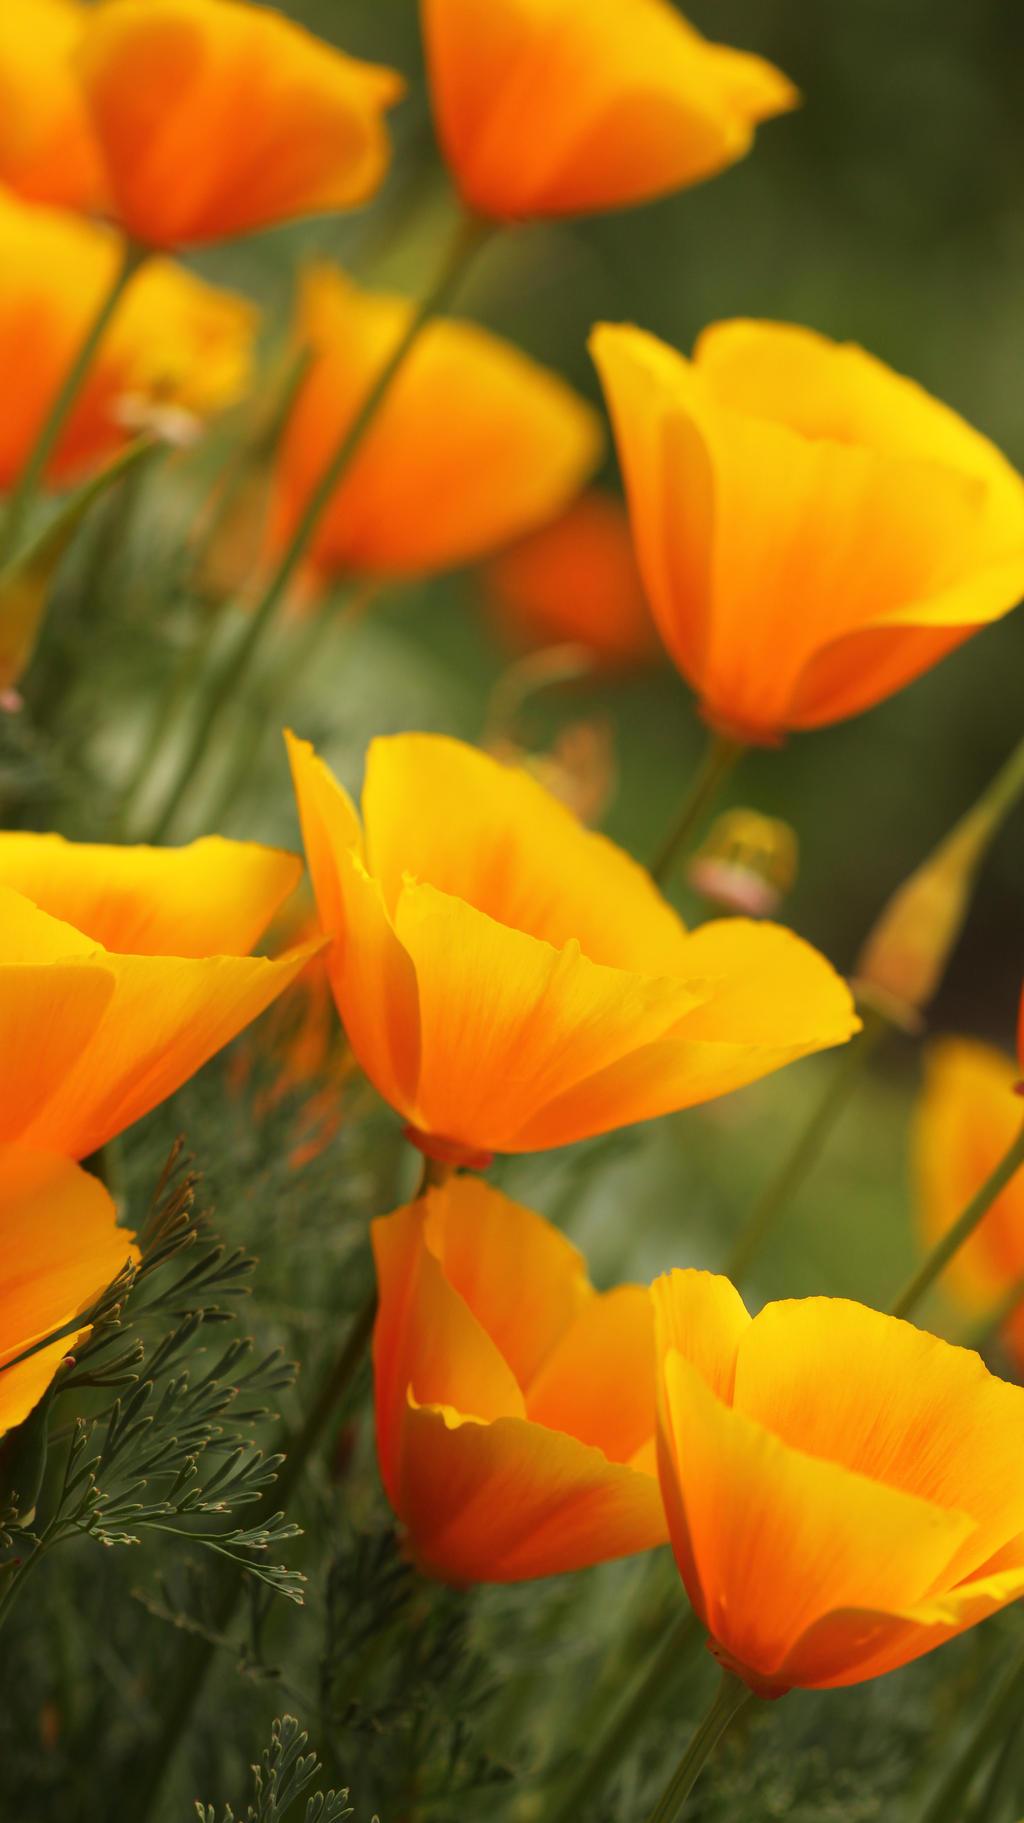 Orange world by Bastet-mrr